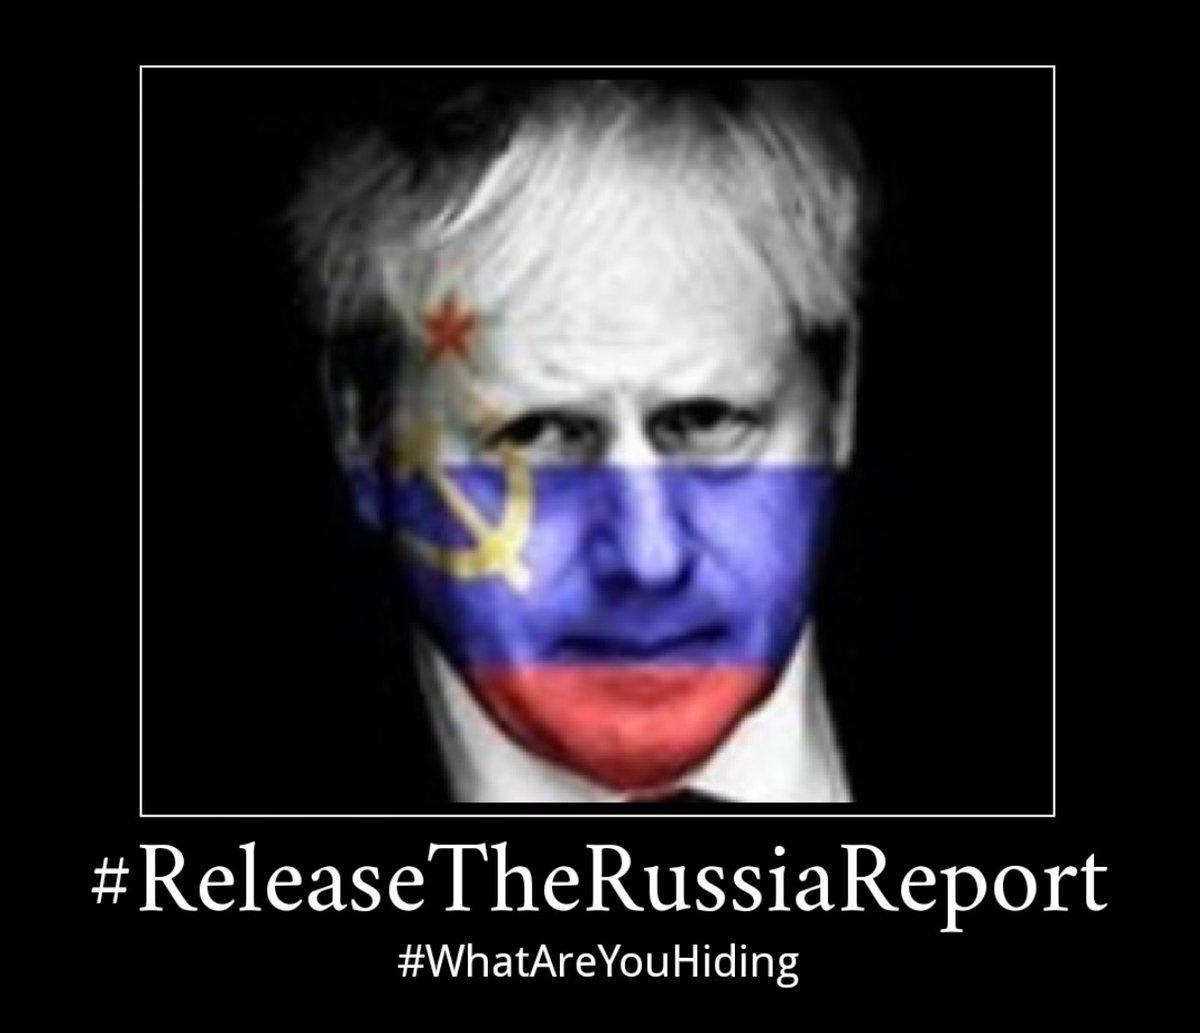 Still waiting! #ReleaseTheRussianReport <br>http://pic.twitter.com/APemvmxGN5